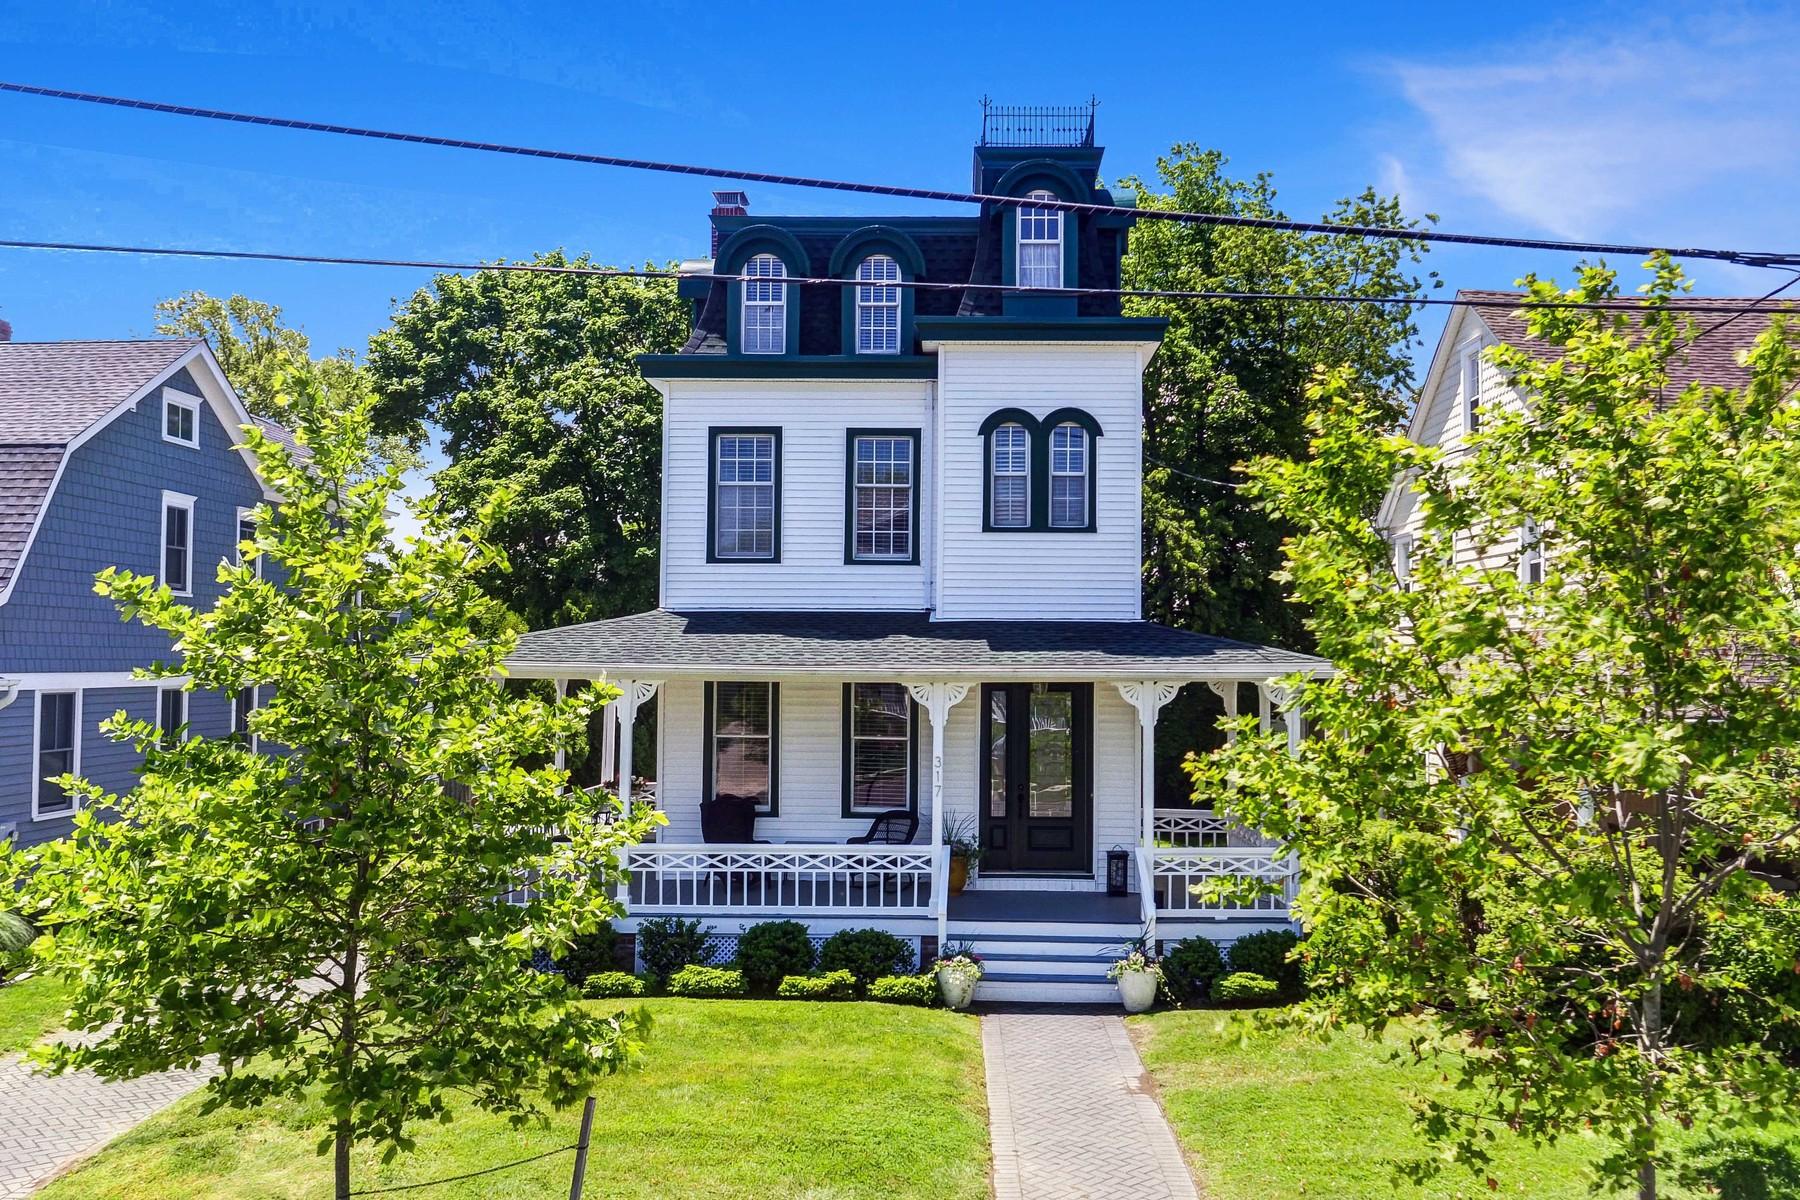 Tek Ailelik Ev için Satış at Spring Lake Victorian 317 Jersey Ave Spring Lake, New Jersey, 07762 Amerika Birleşik Devletleri